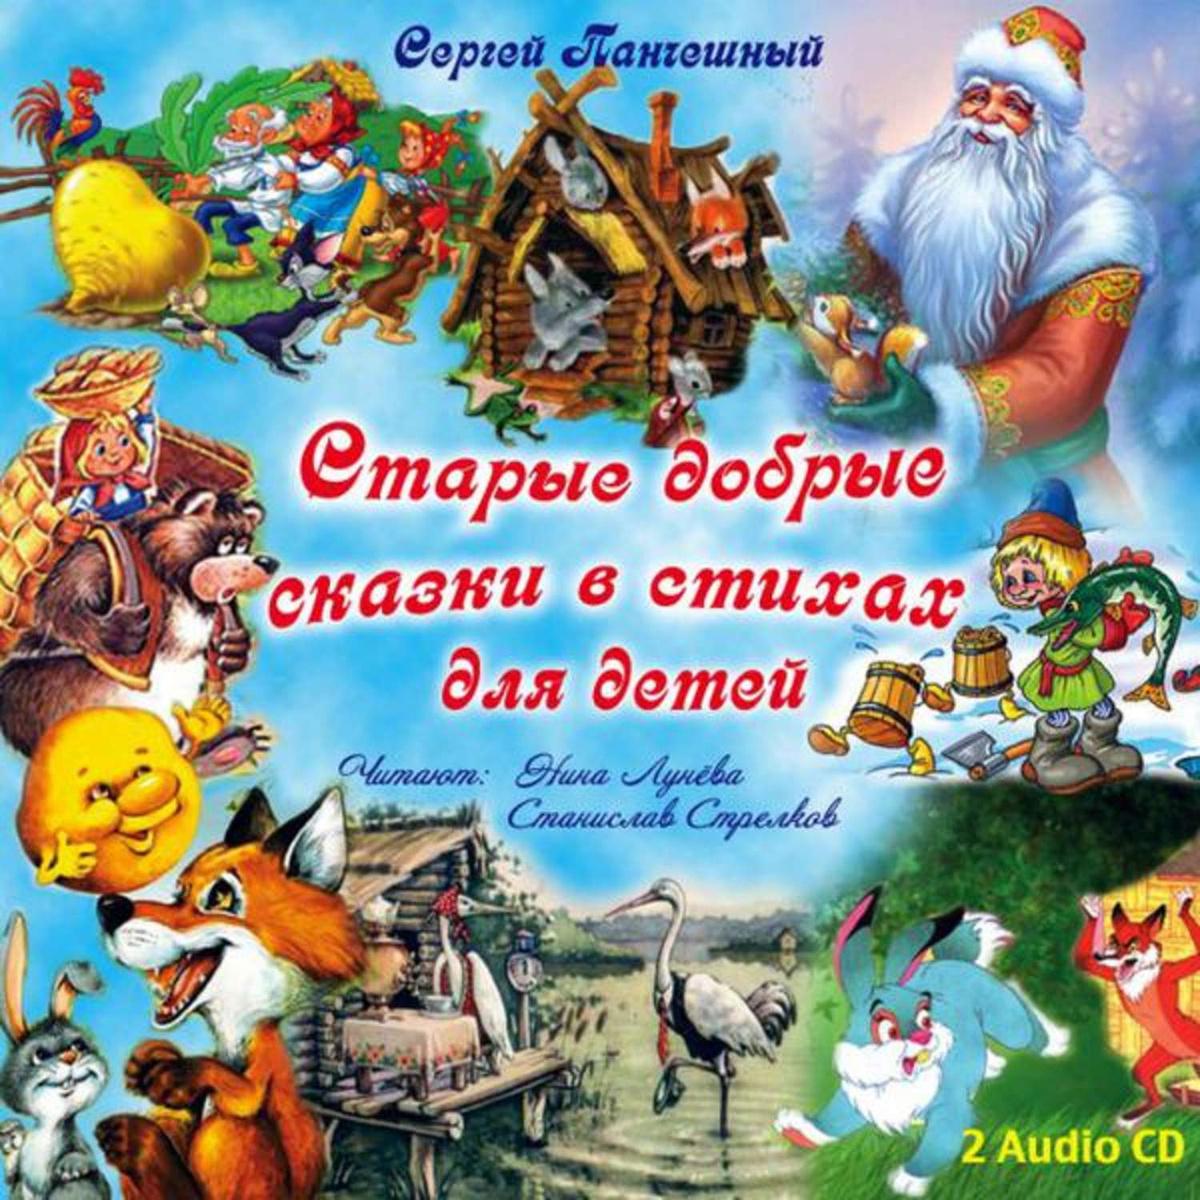 Старые добрые сказки в стихах Диск 1 | Панчешный Сергей #1